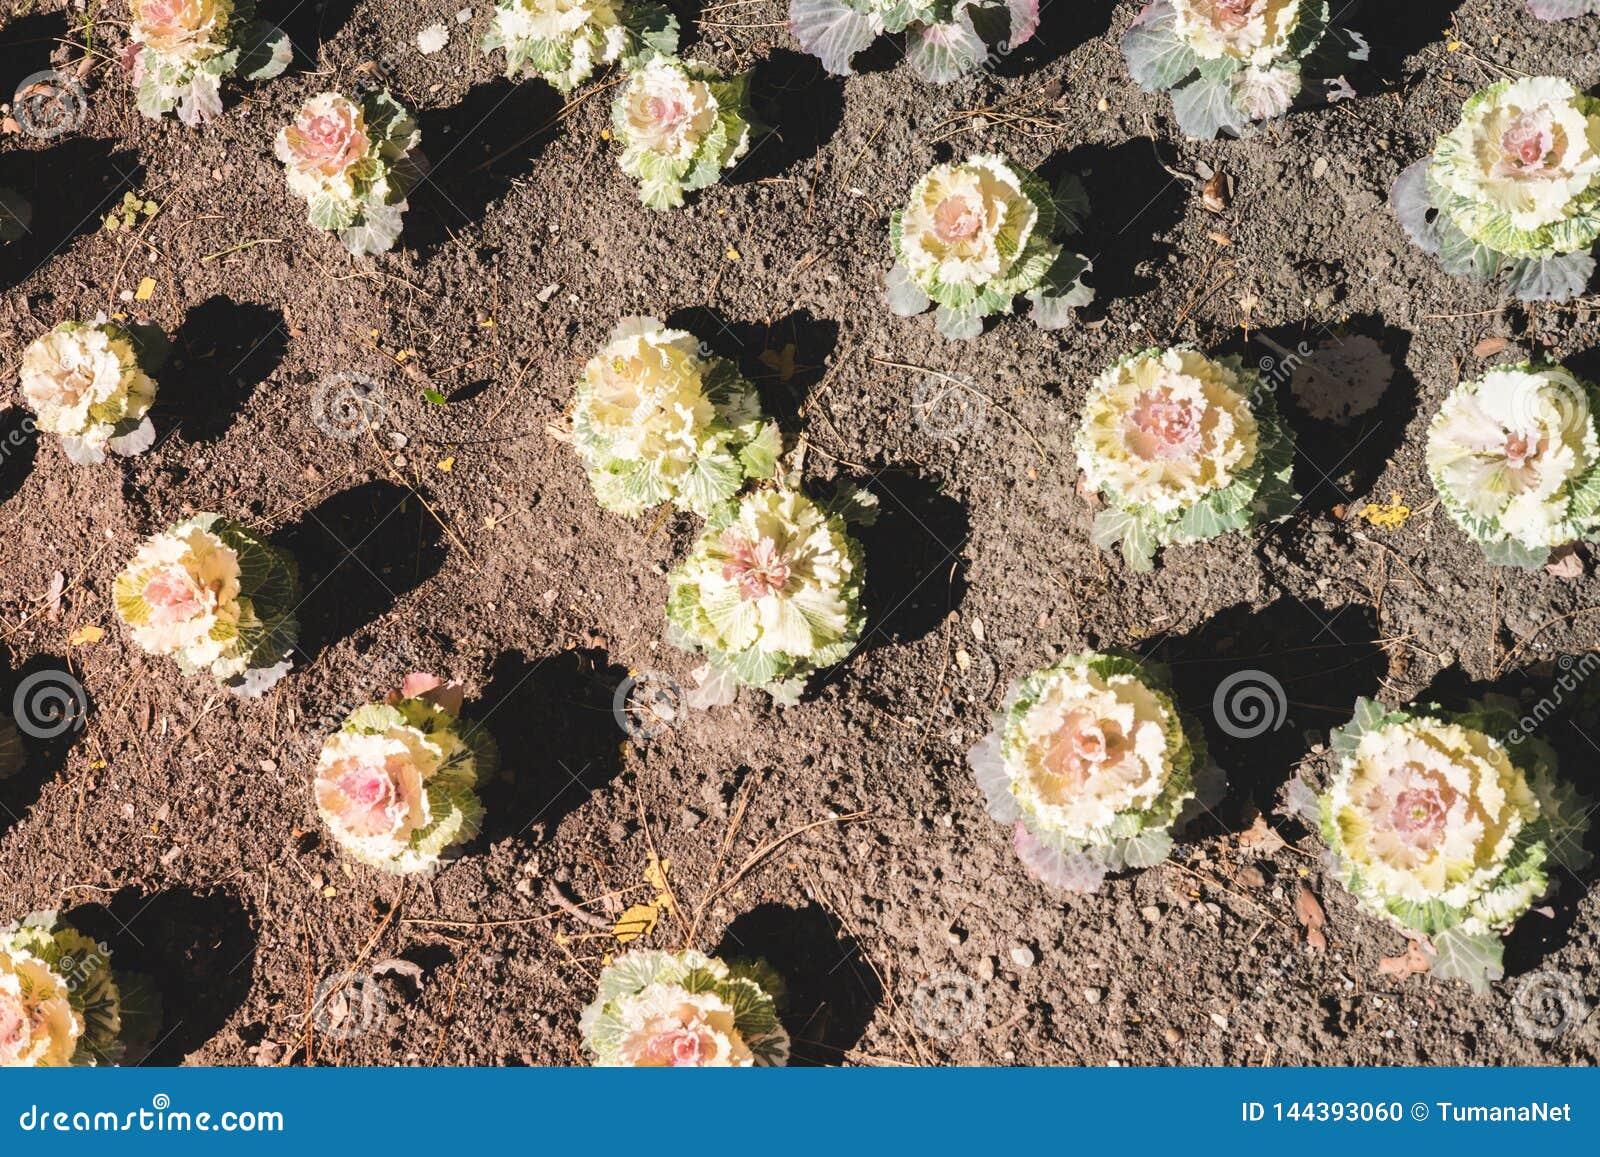 Цветочный узор от цветков декоративной капусты белого и розового цвета растя на коричневой земле Естественная предпосылка